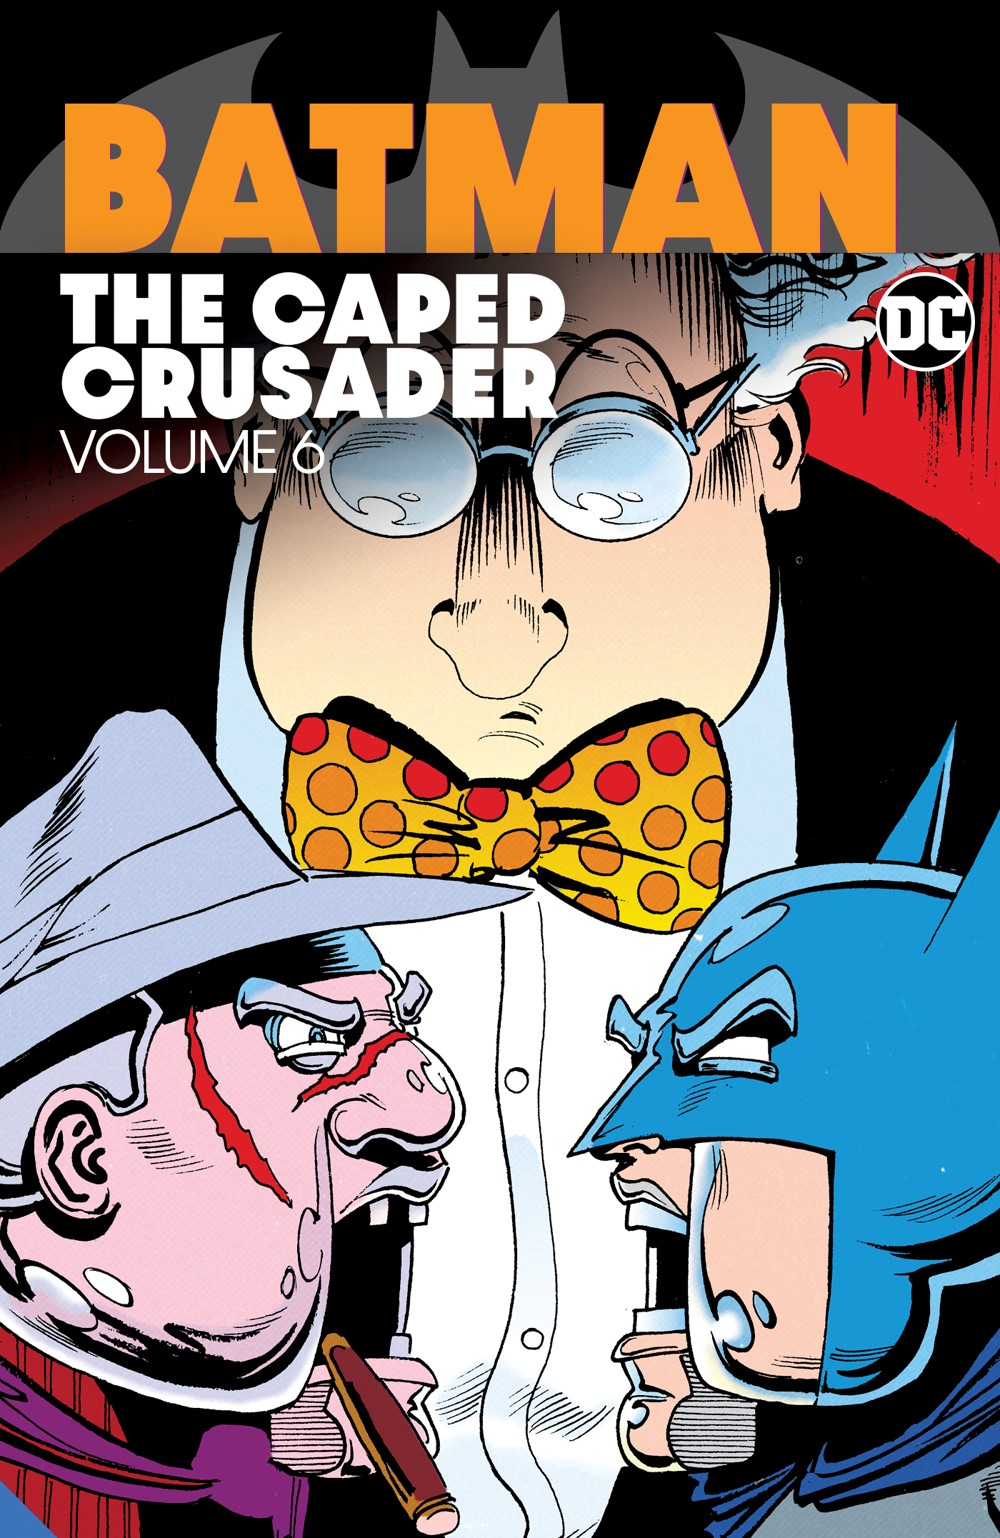 batmanthecapedcrusader-vol6 DC Comics November 2021 Solicitations